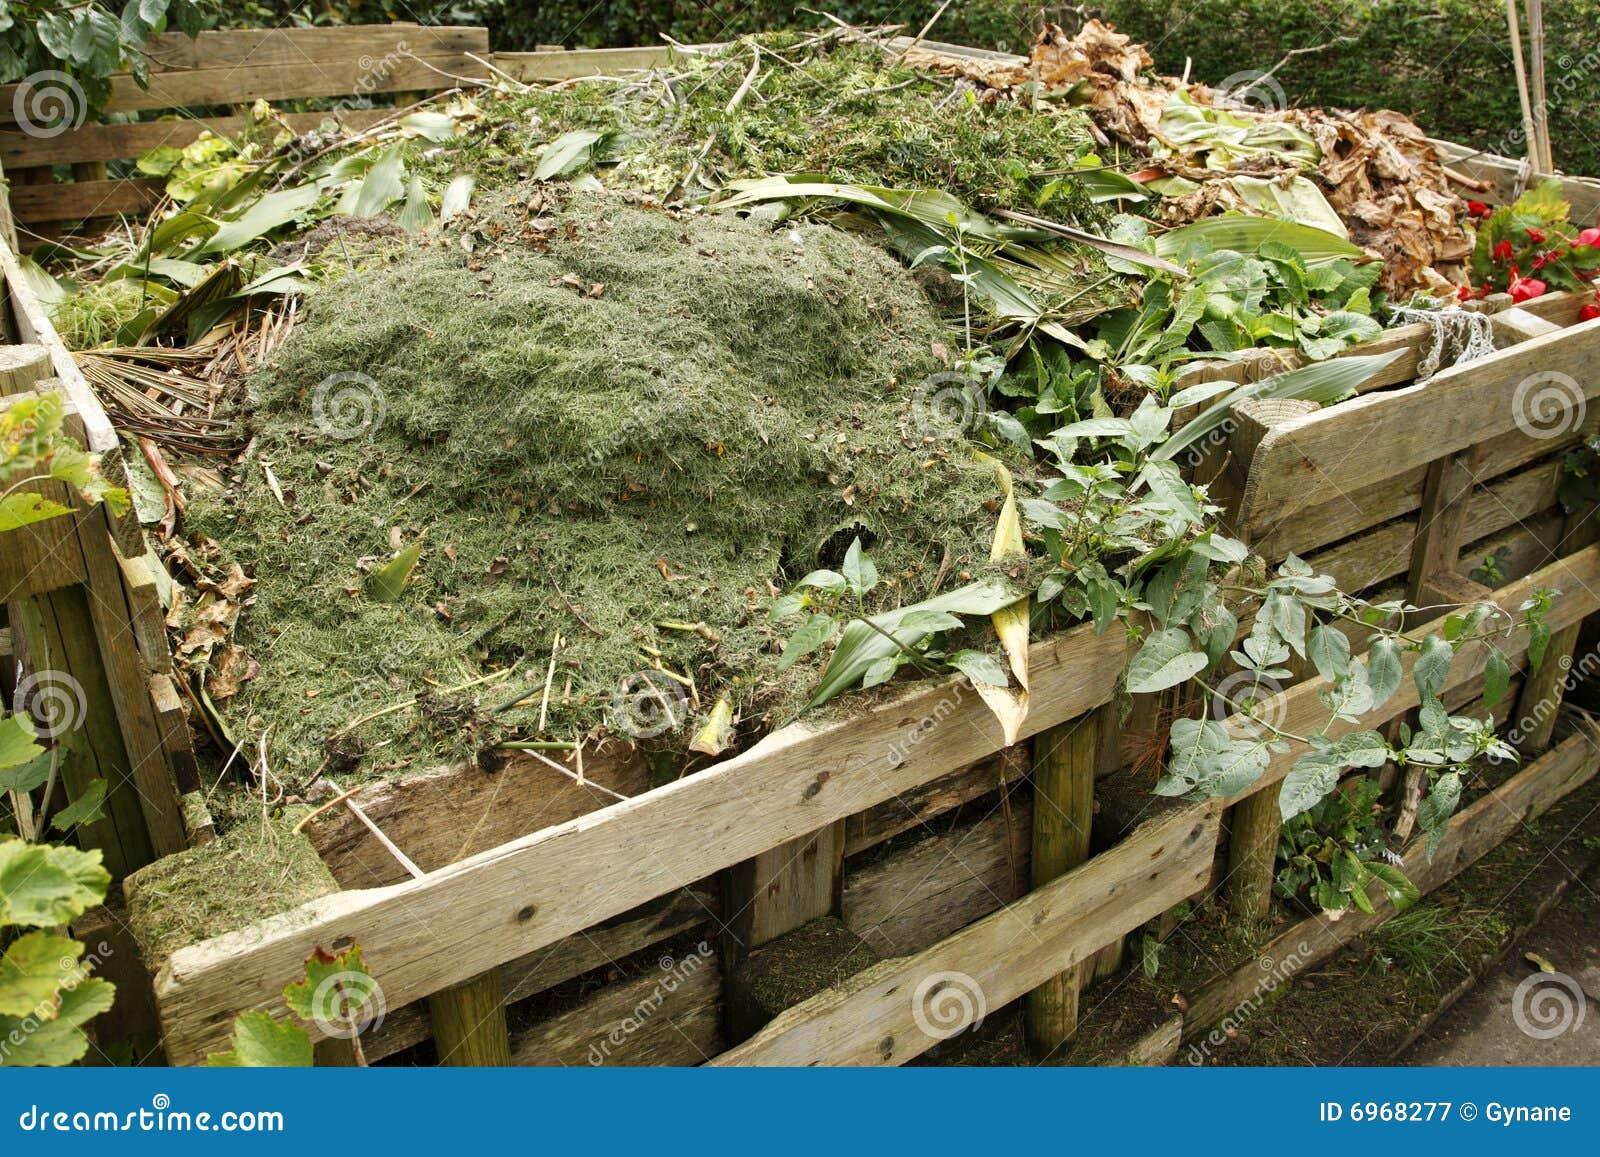 Как в огороде сделать компостную кучу